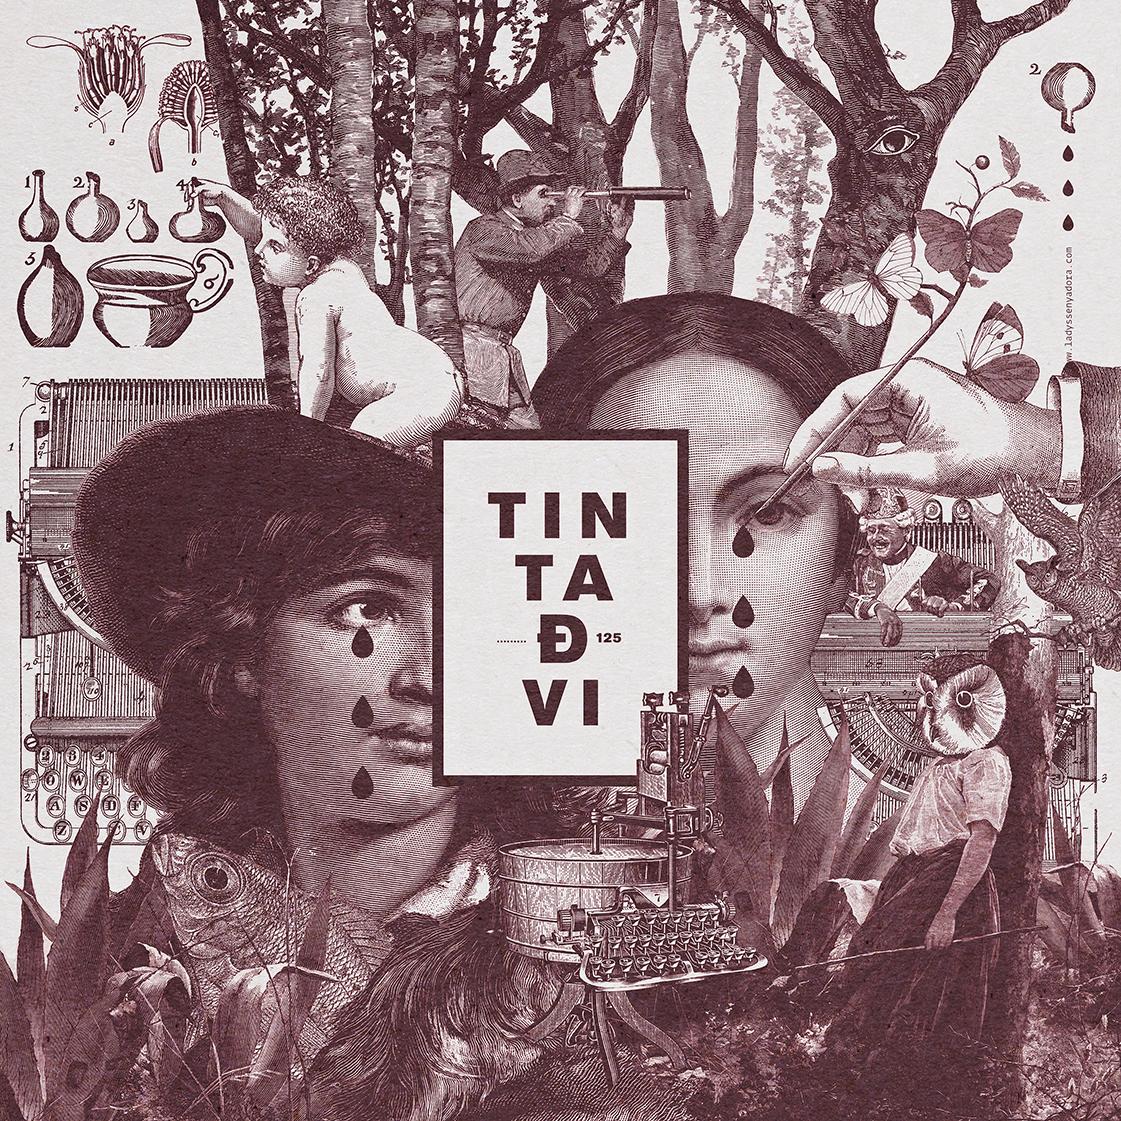 Diseño gráfico de grabado para el proyecto Tinta de VI de Ladyssenyadora.